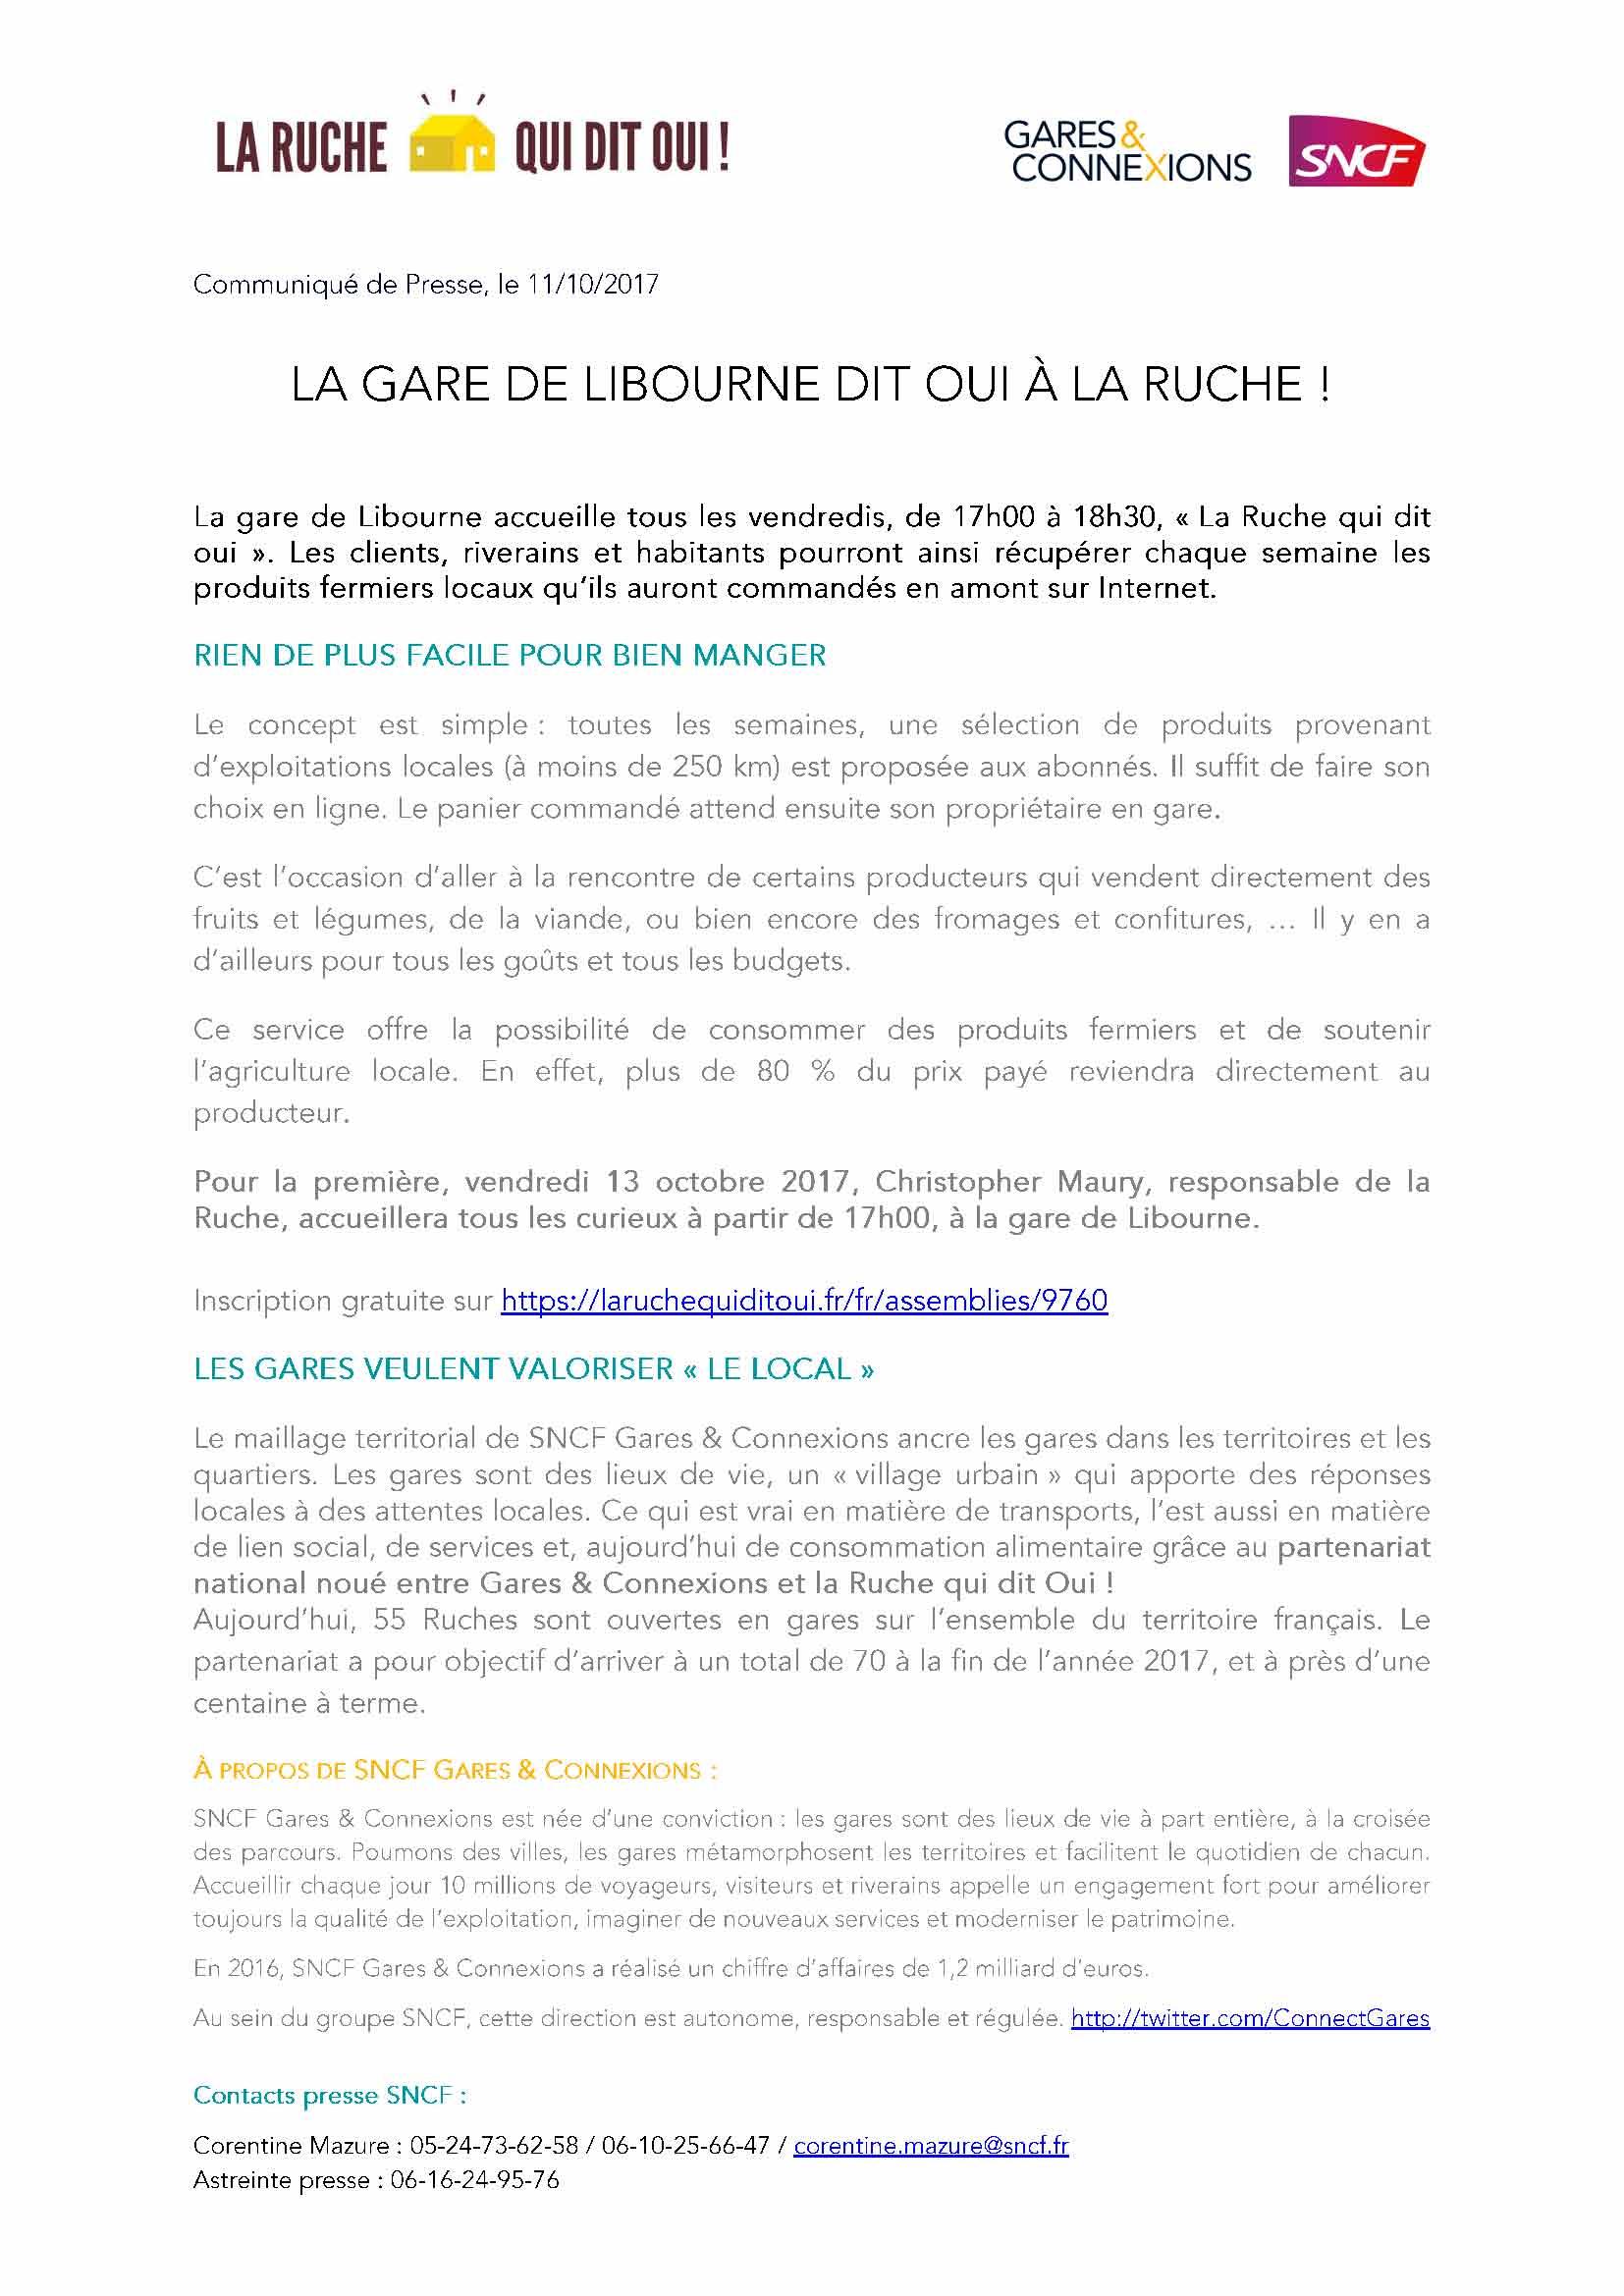 cp-la-ruche-libourne-13-10-17